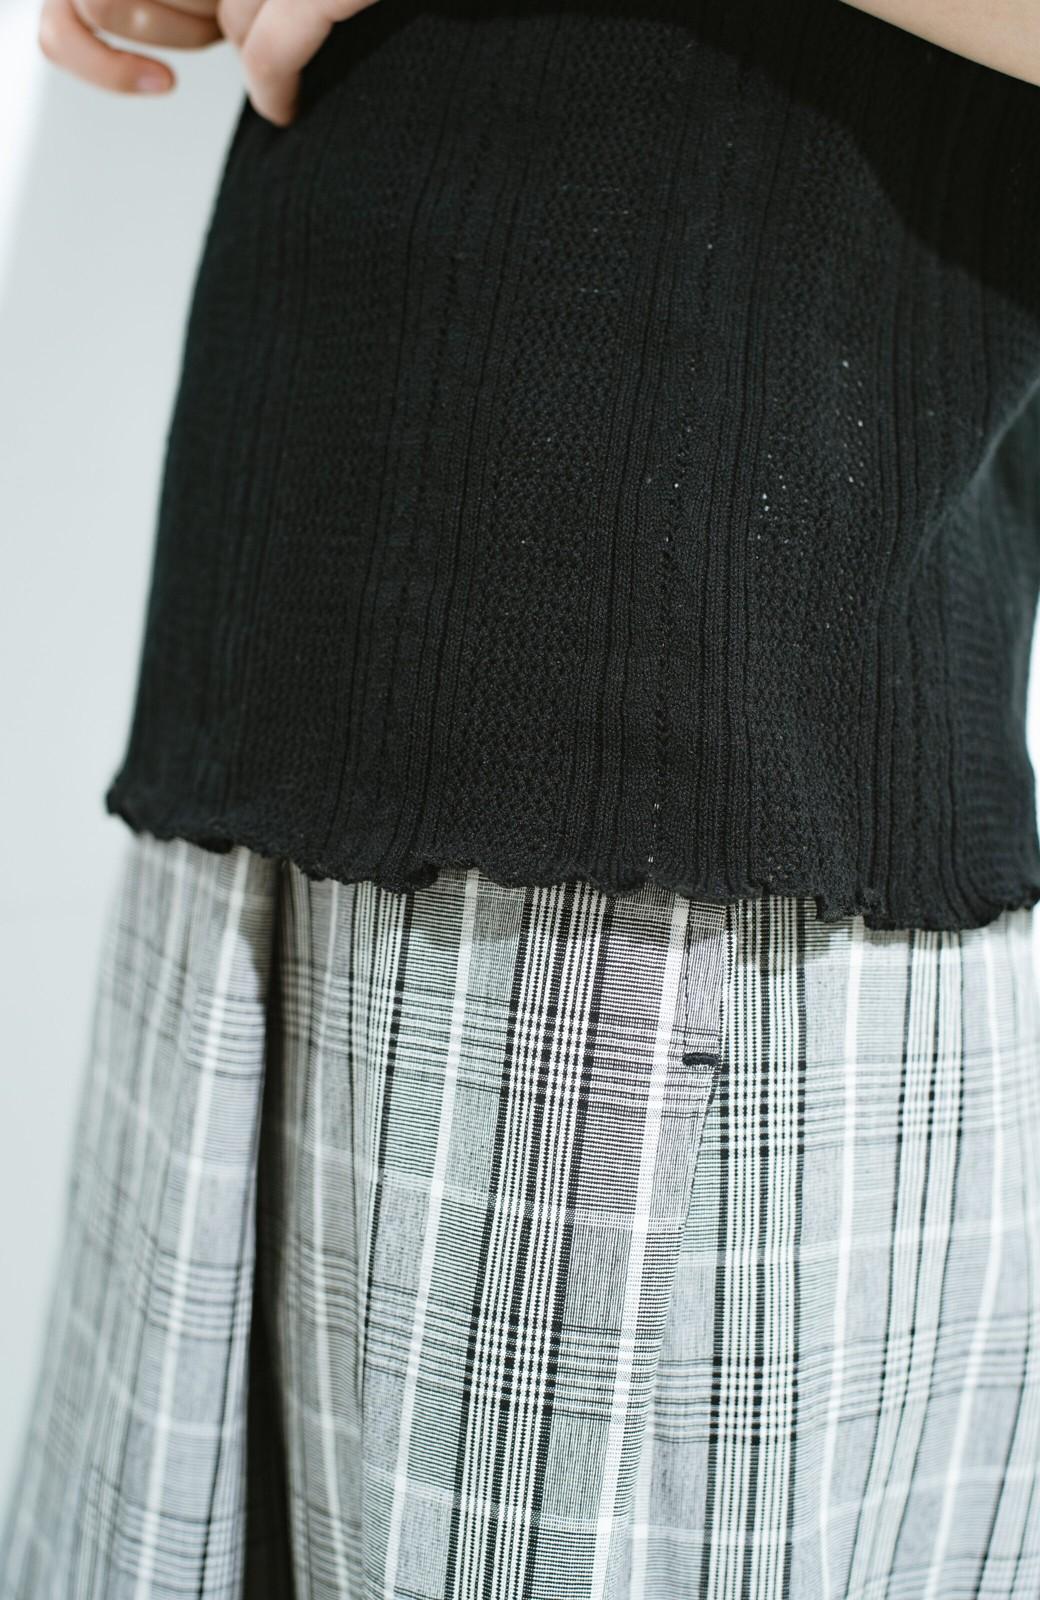 haco! スカートにもパンツにも合う ぴったりめがかわいい透かし柄ニット <ブラック>の商品写真6